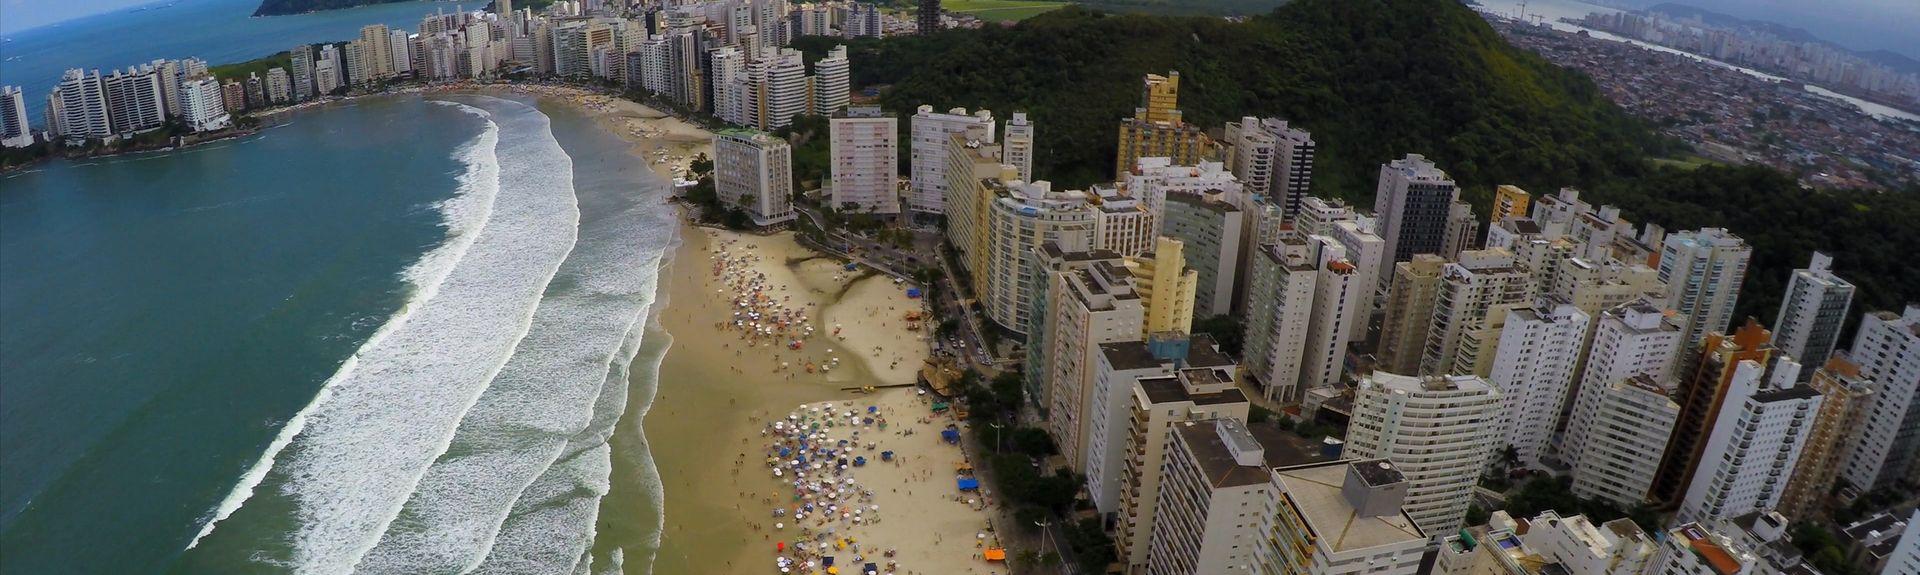 Guarujá, Santos, São Paulo, Brazil